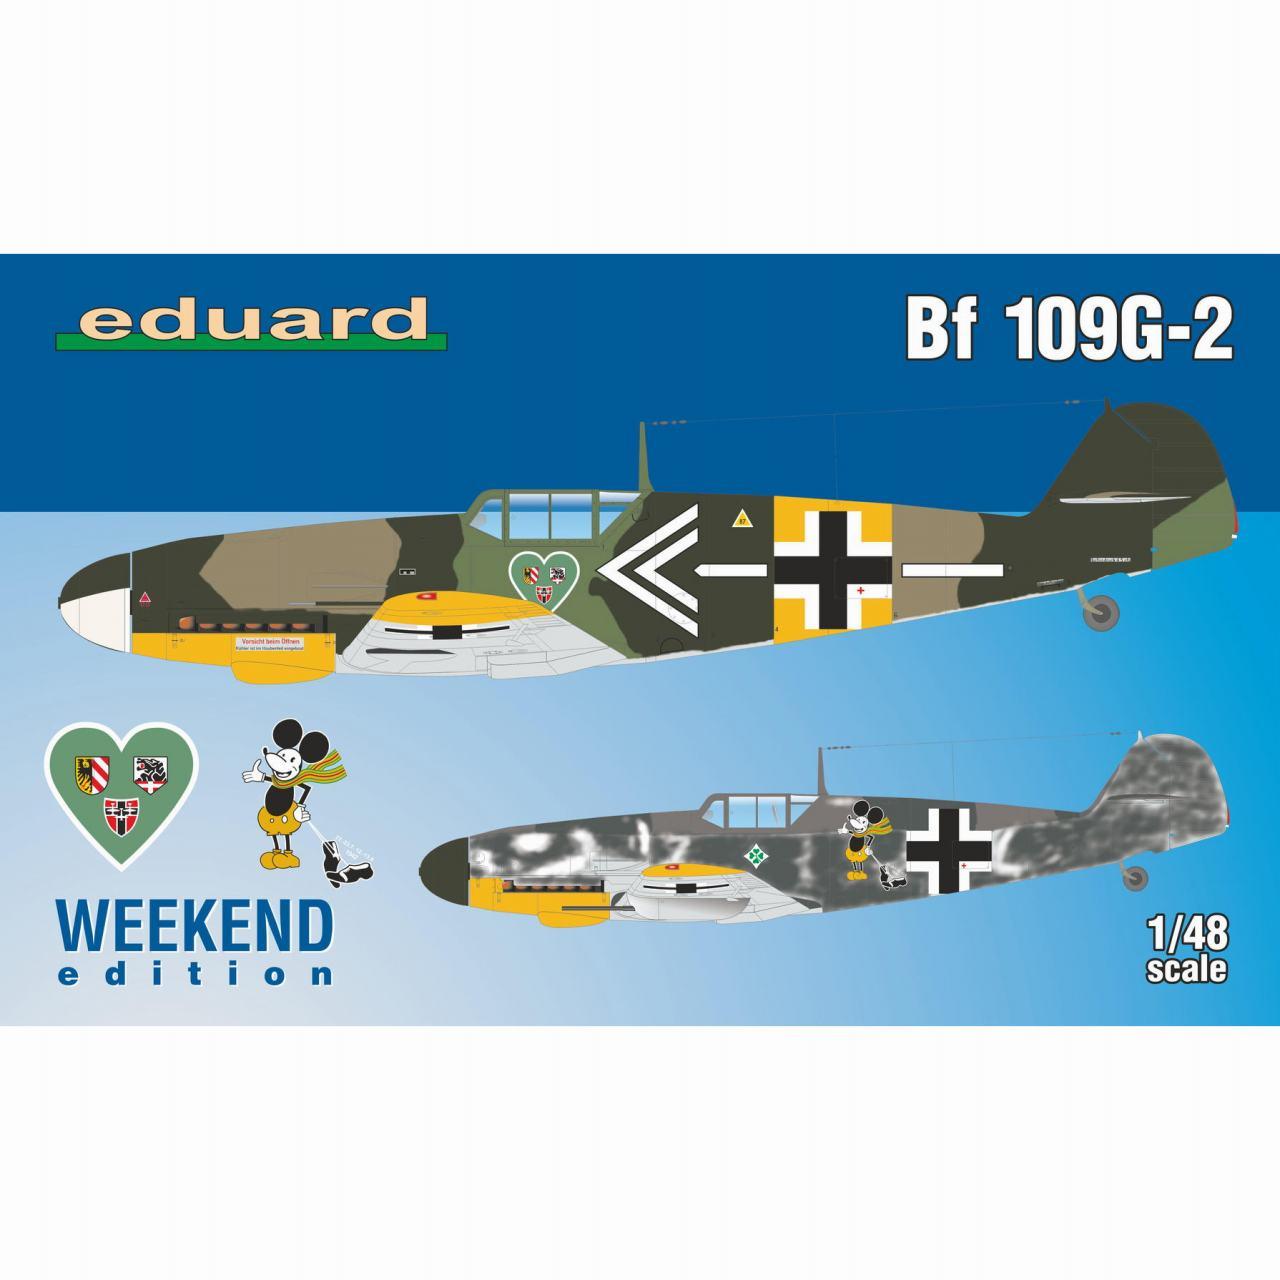 【新製品】84148 メッサーシュミット Bf109G-2 ウィークエンドエディション